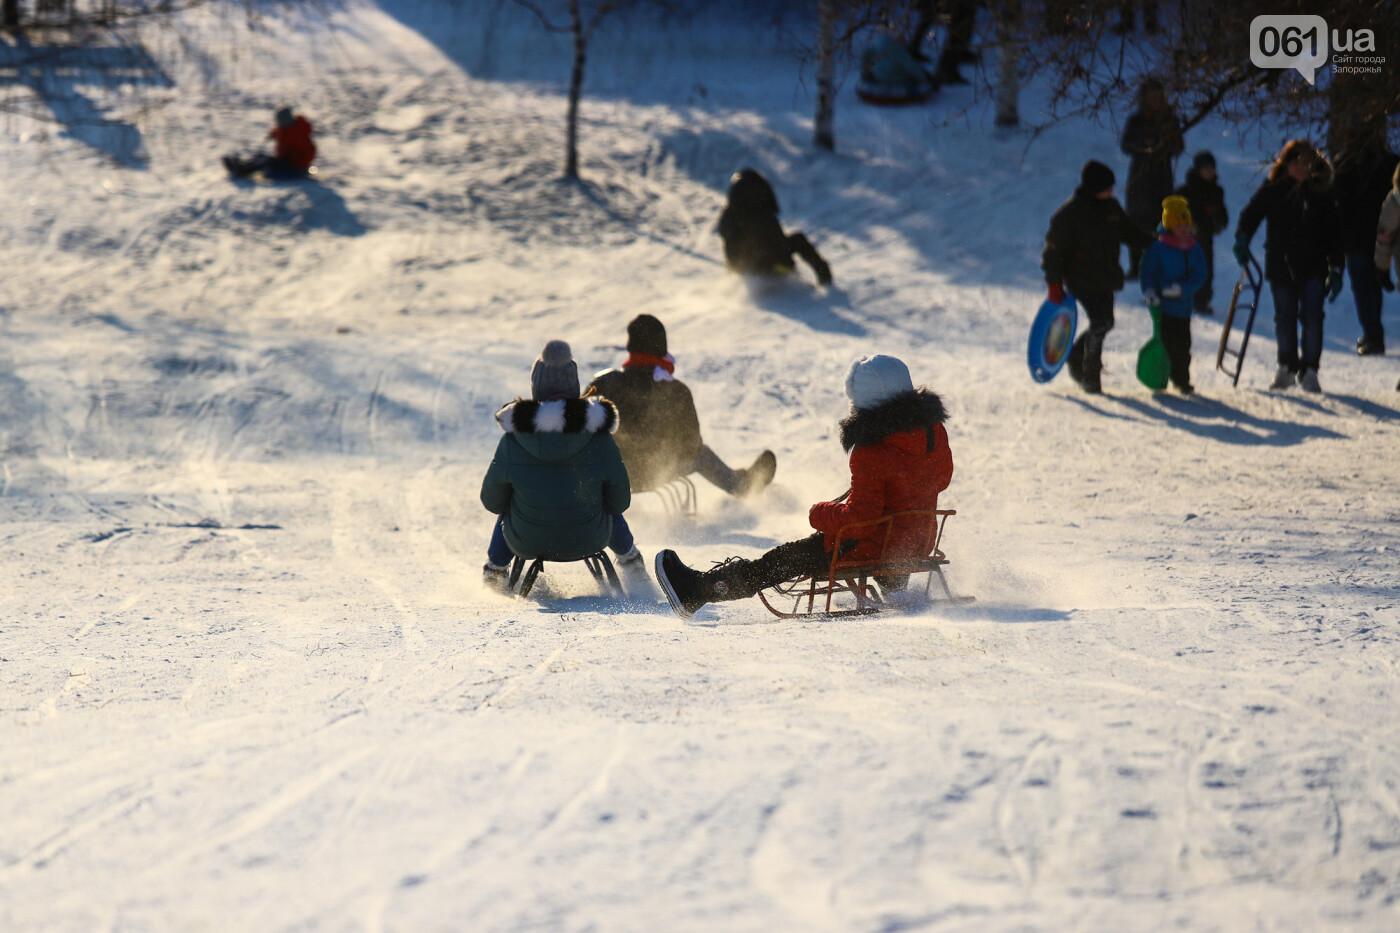 На санках, лыжах и сноуборде: запорожцы устроили массовое катание с горок в Вознесеновском парке, - ФОТОРЕПОРТАЖ, фото-43